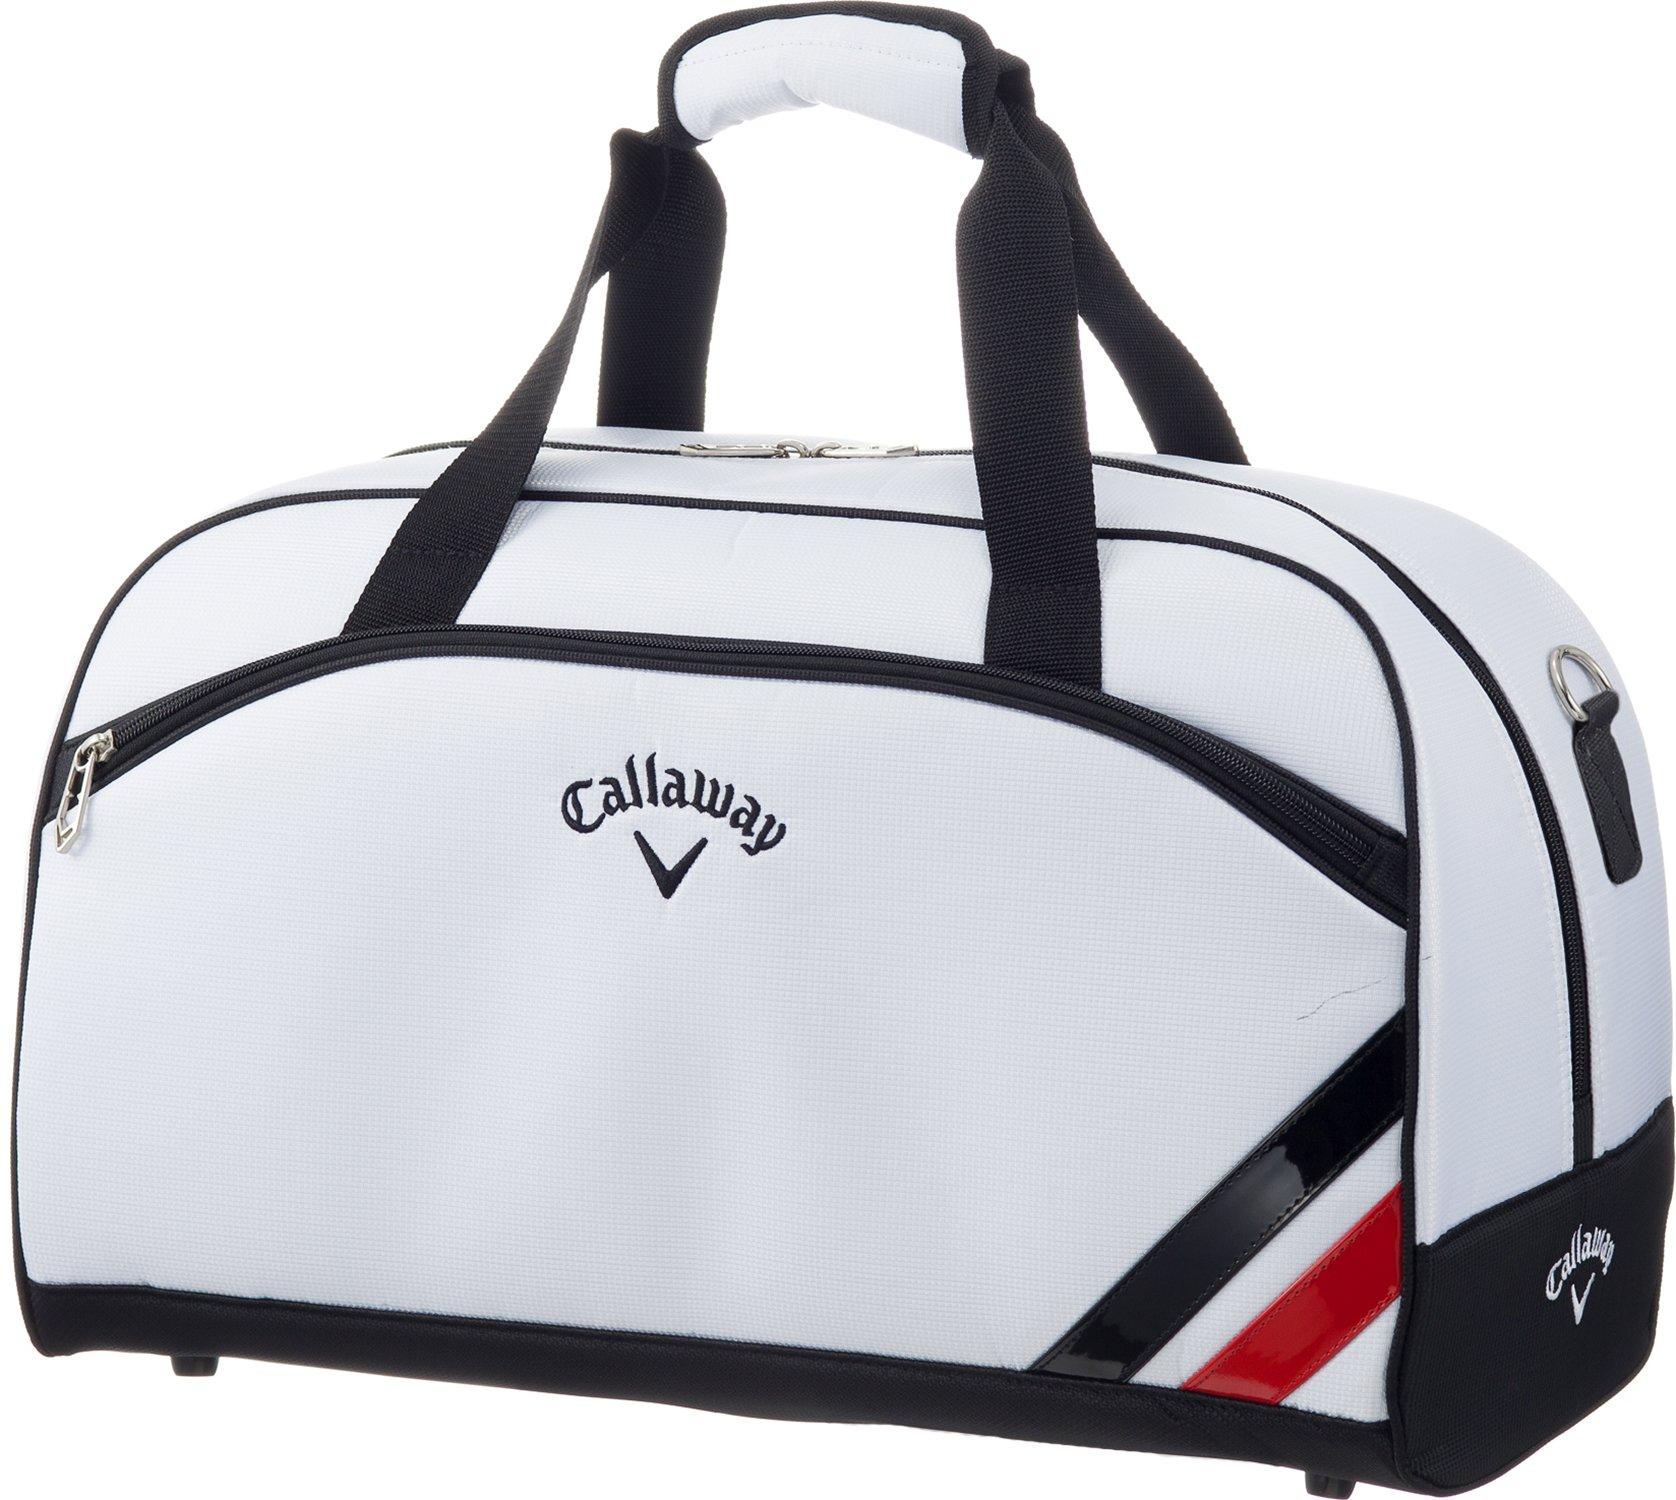 Callaway Boston bag Sport Boston bag 2017 model men's 5917138